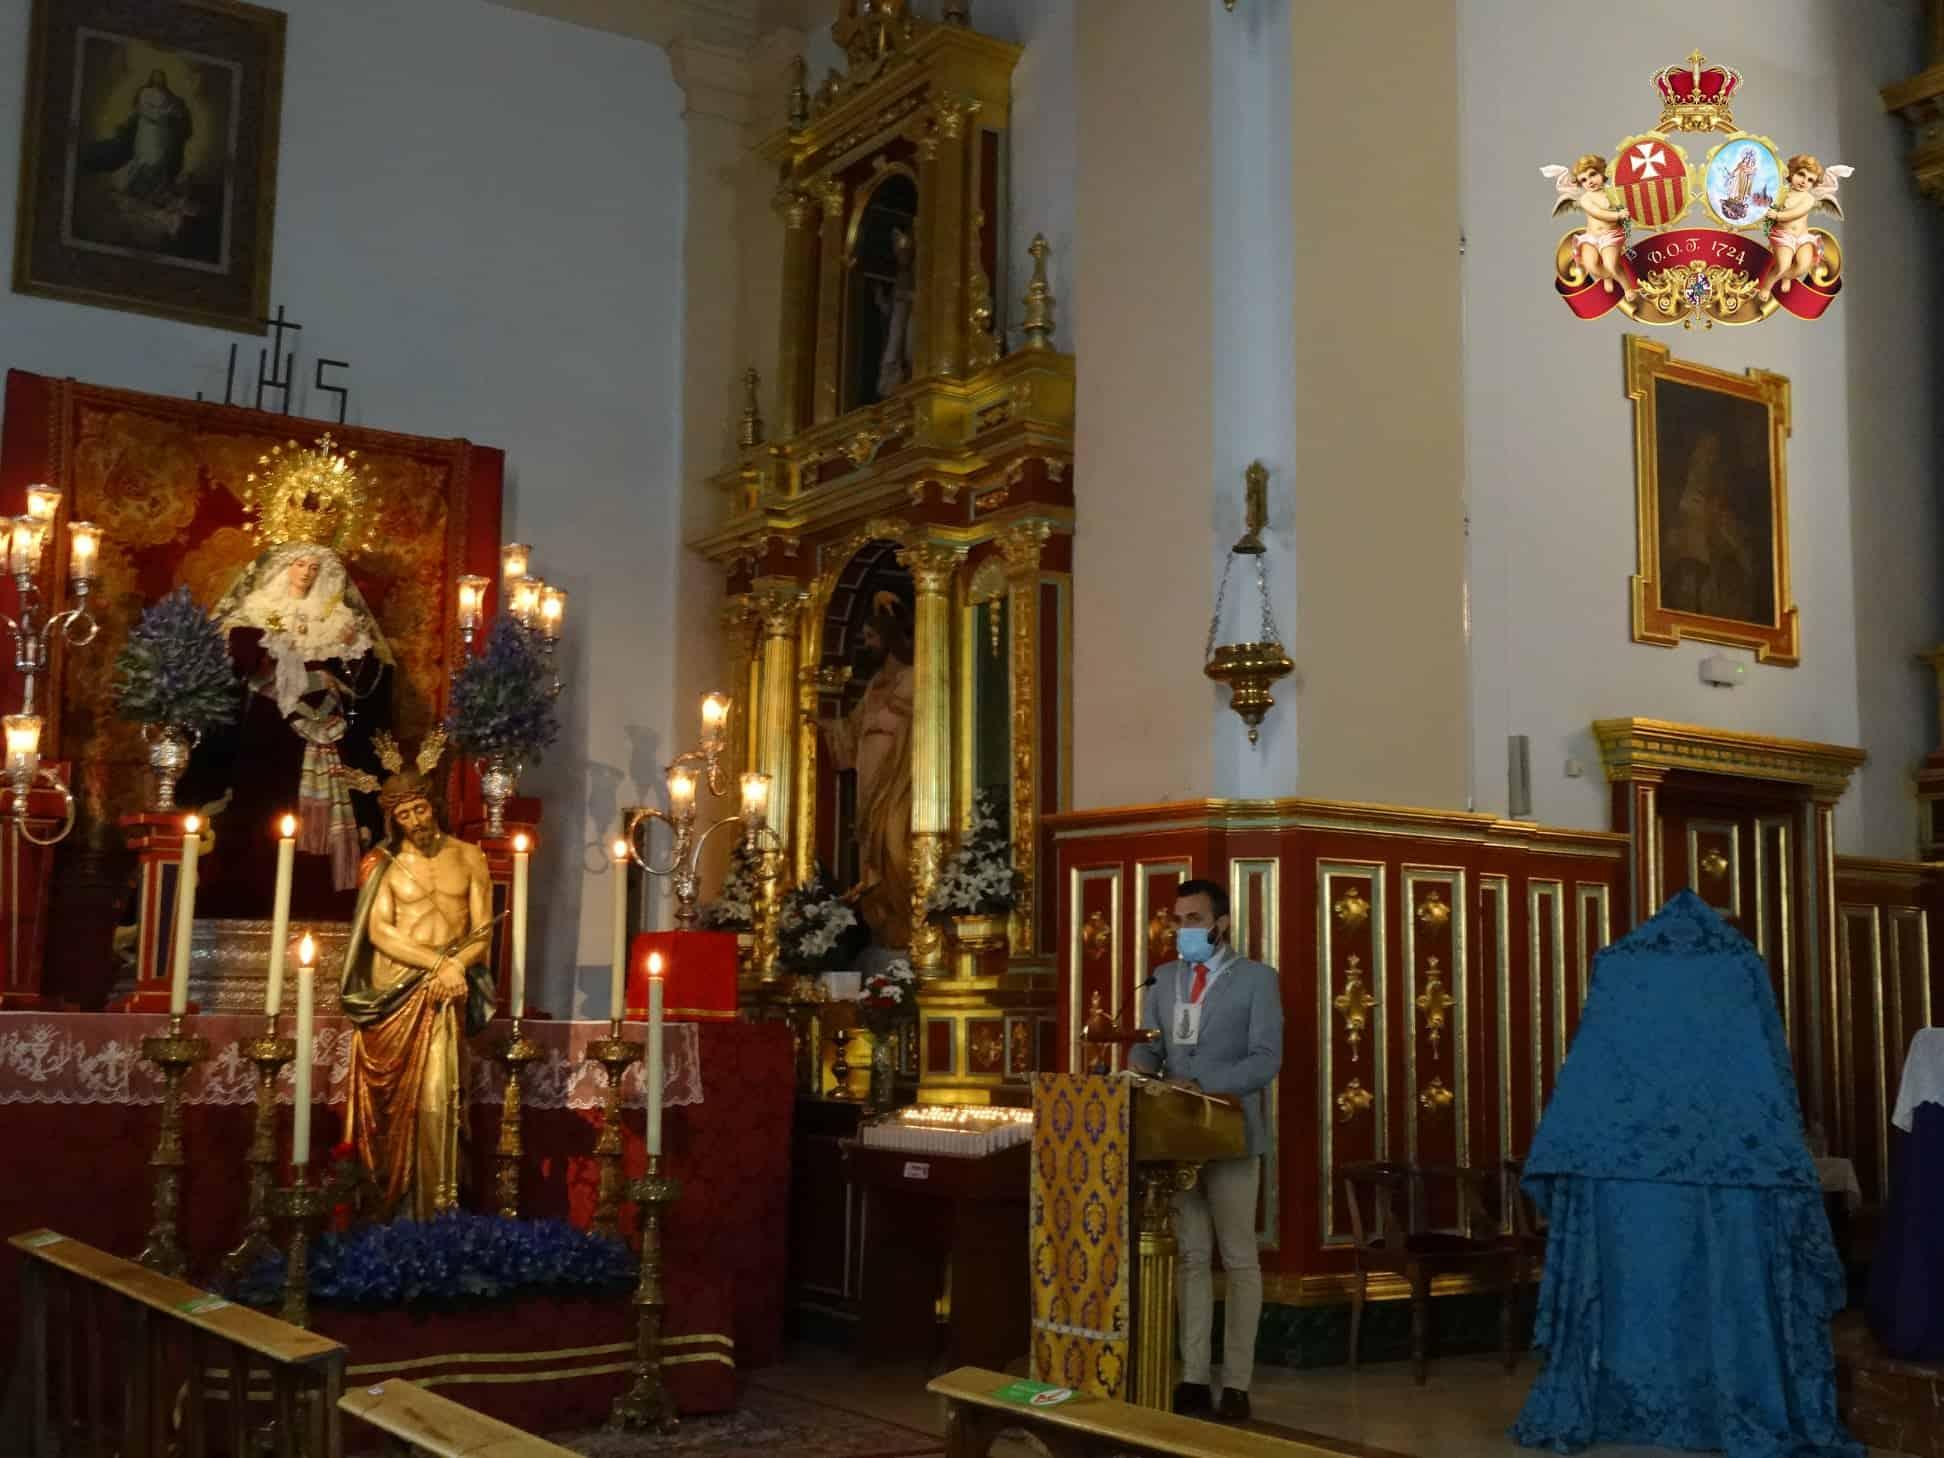 Presentado el cartel de Semana Santa del Convento de La Merced 14